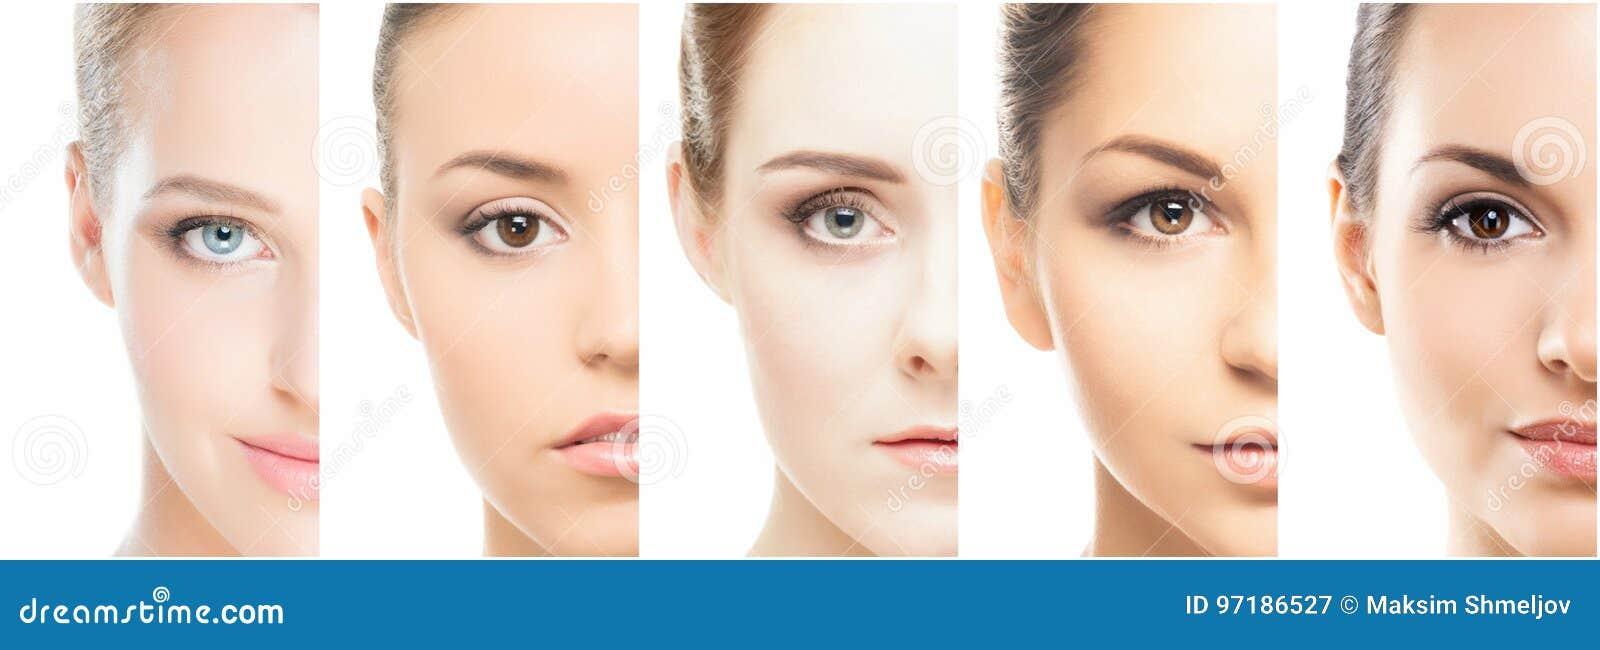 Portretten van jonge vrouwen in make-up